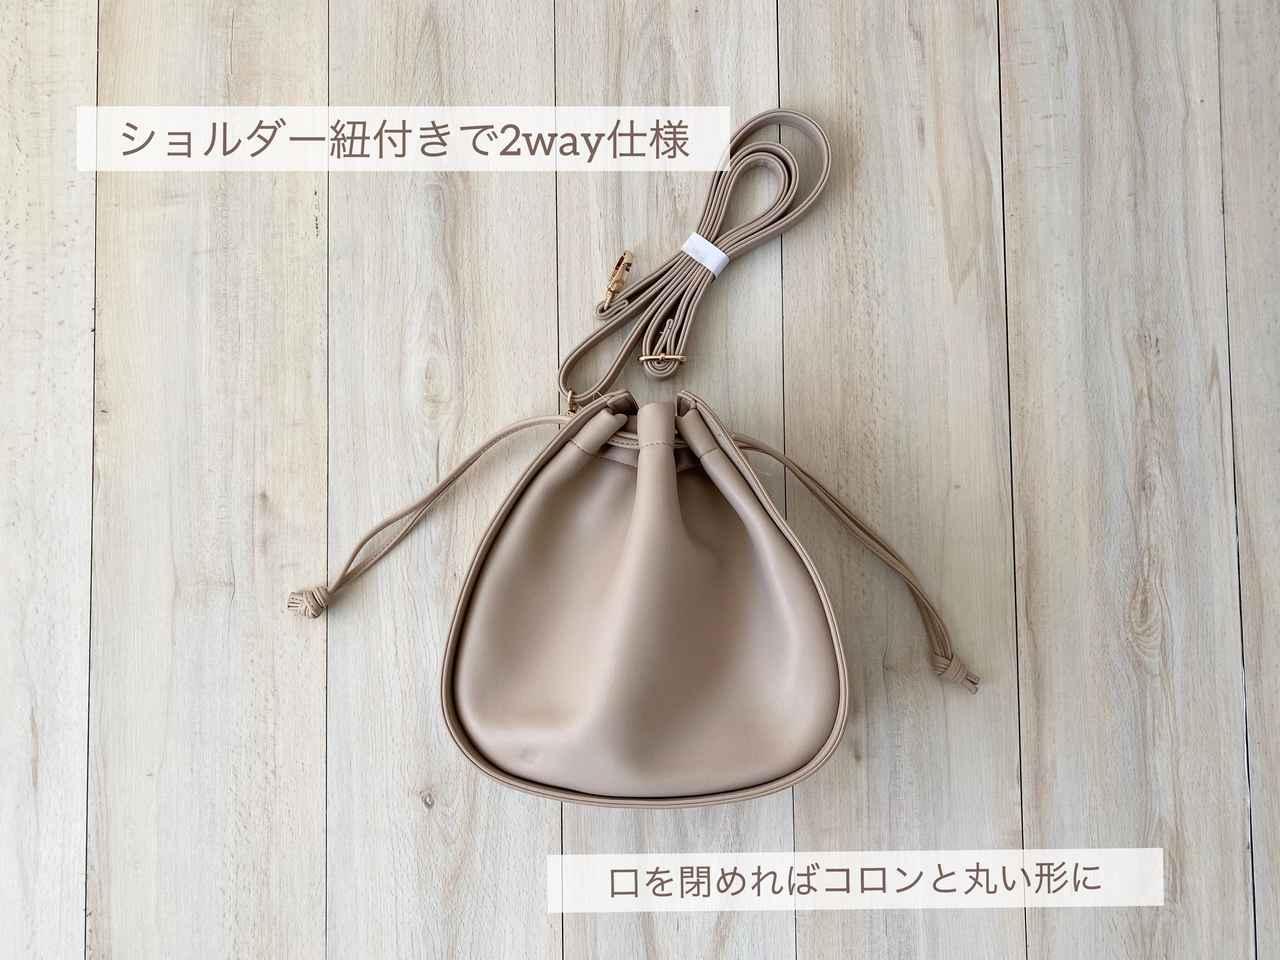 画像7: 【しまむら】争奪戦!?本日発売の新作を1万円分購入!【広告の品】